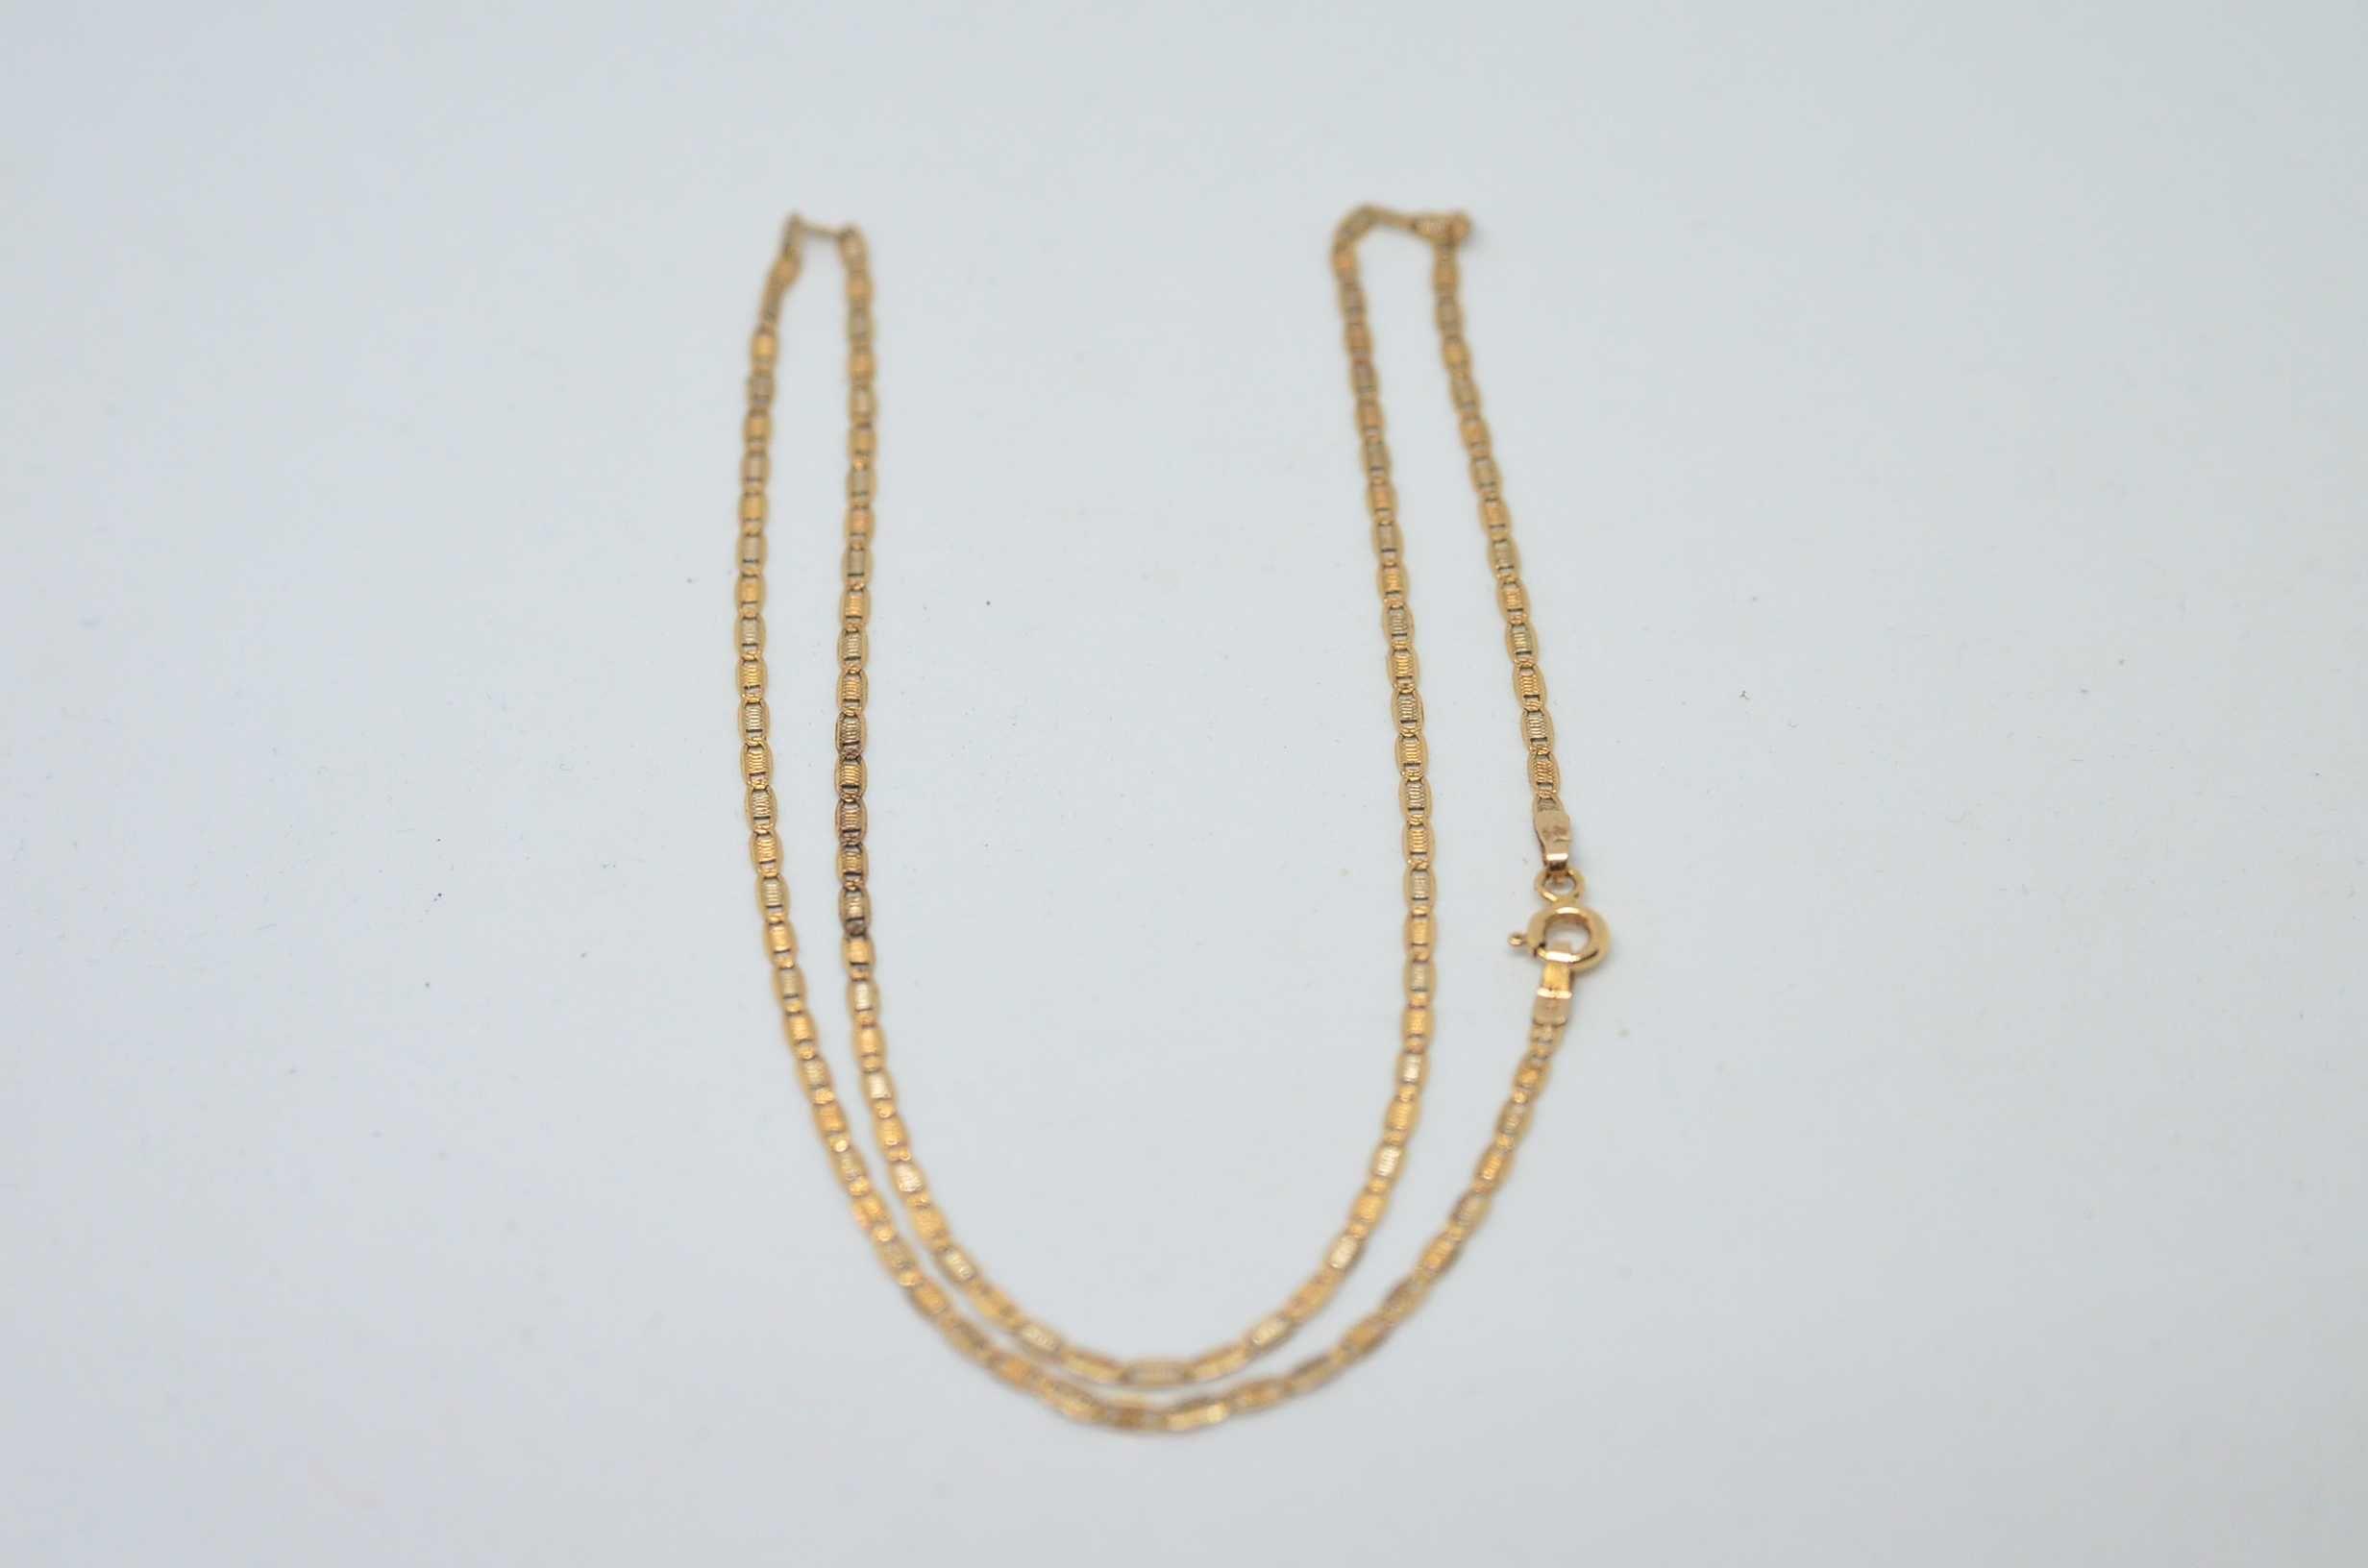 Łańcuszek złoty 585 waga 2,78g długość 45cm szerokość 2mm